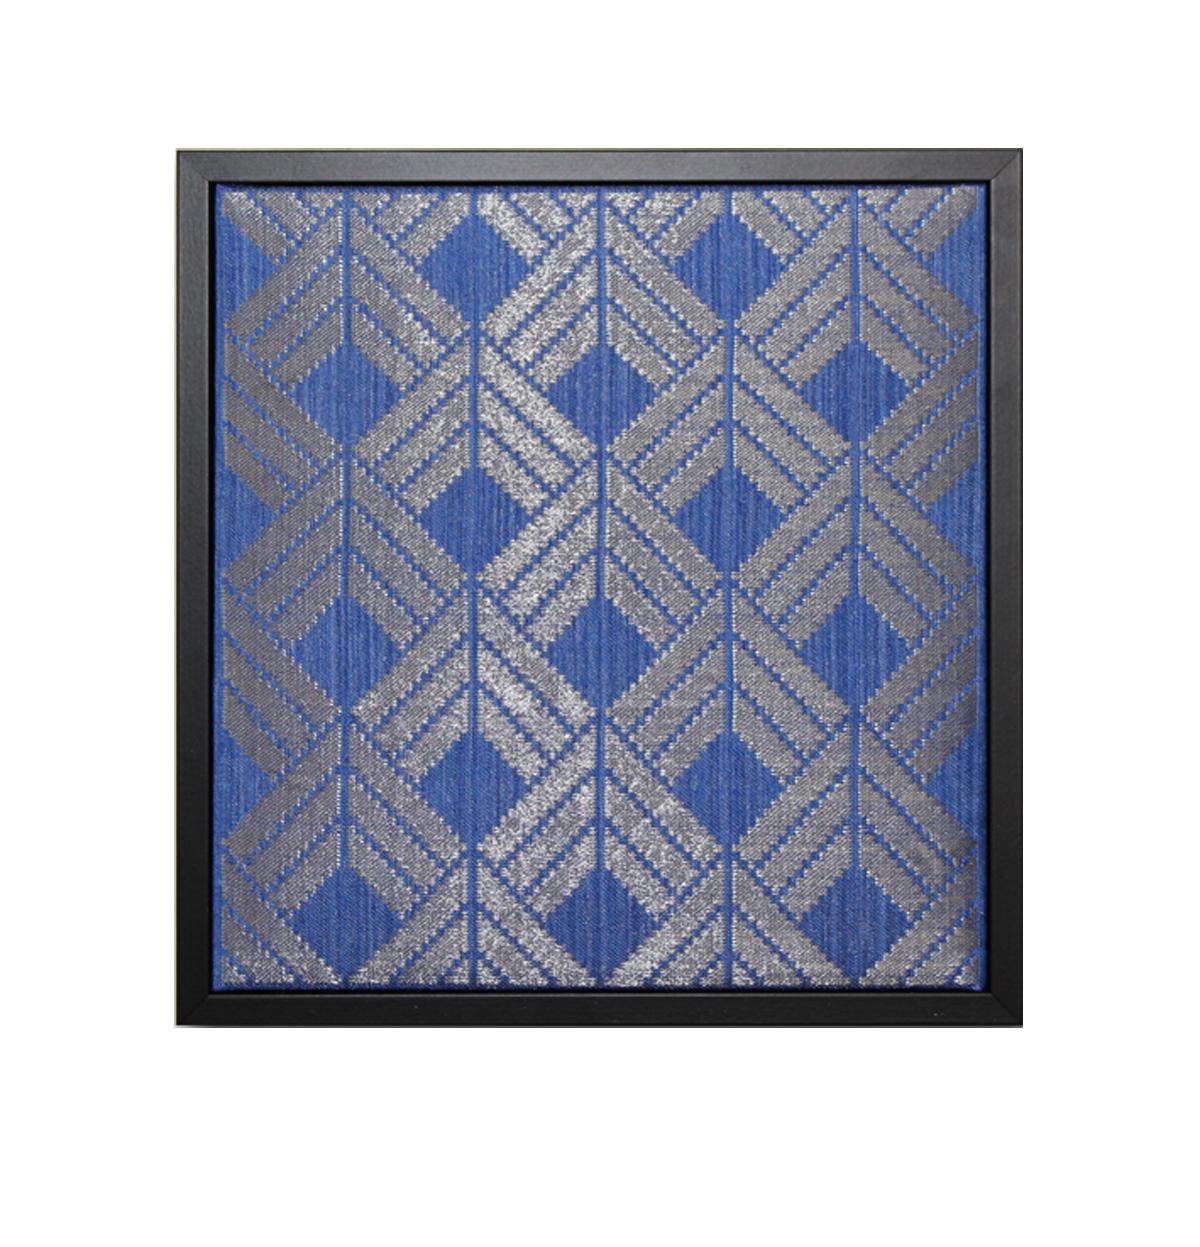 Gudrun Söderholm Textil |Damastväv i lin och rostfritt stål H27,5 x B26,5 x D4,5 cm 4500 kr konsthantverkscentrum.org